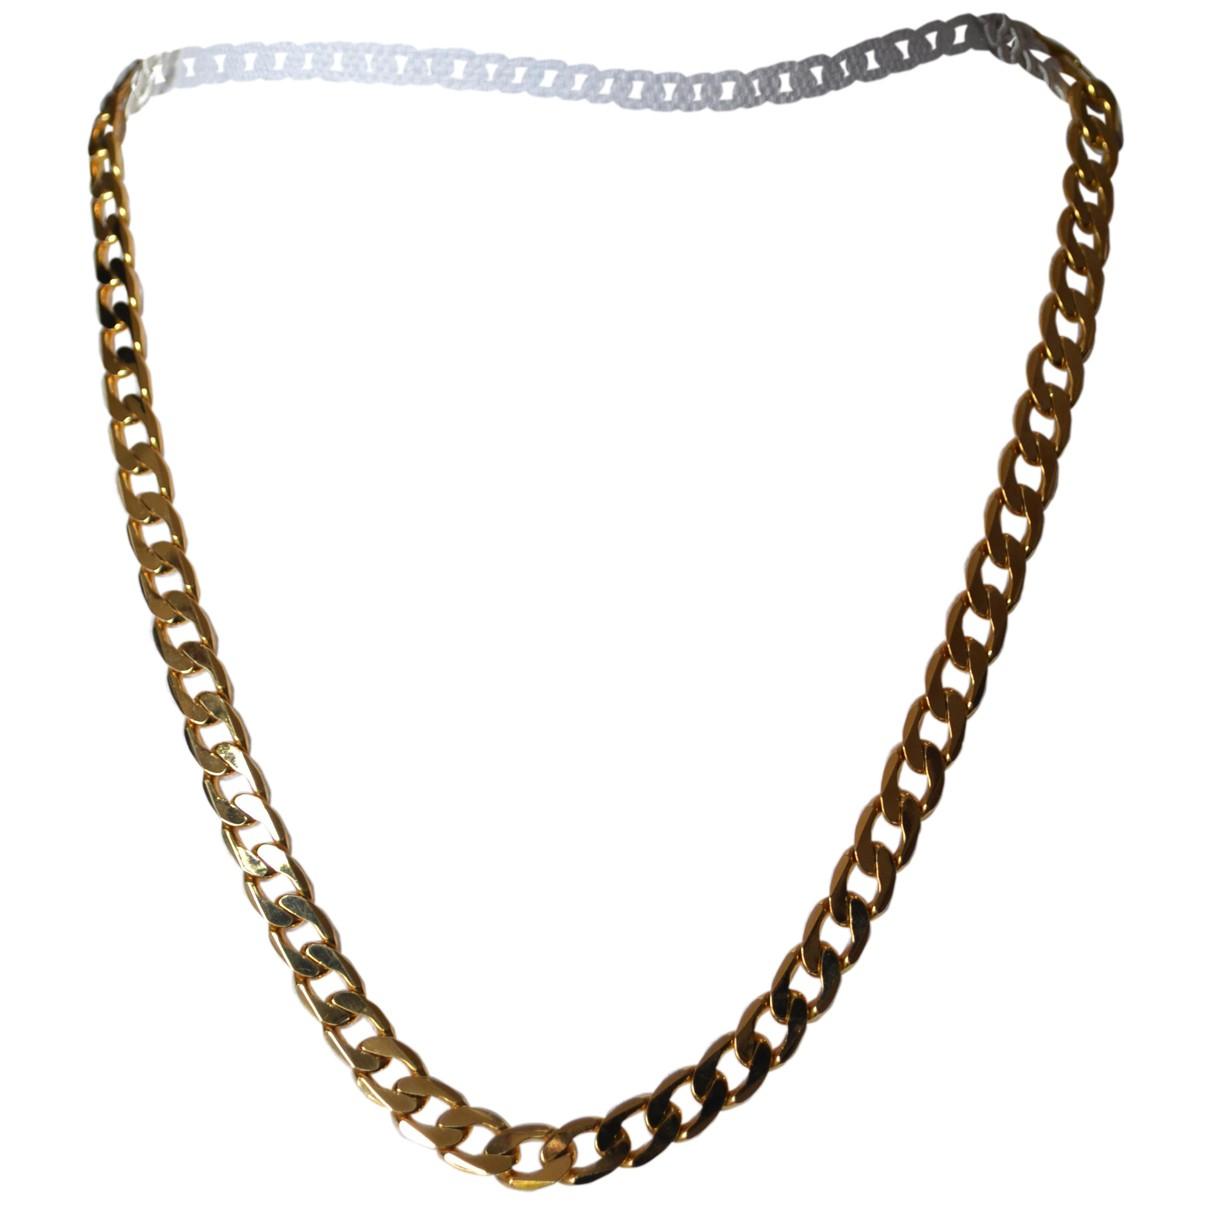 - Collier Chaines pour femme en plaque or - dore